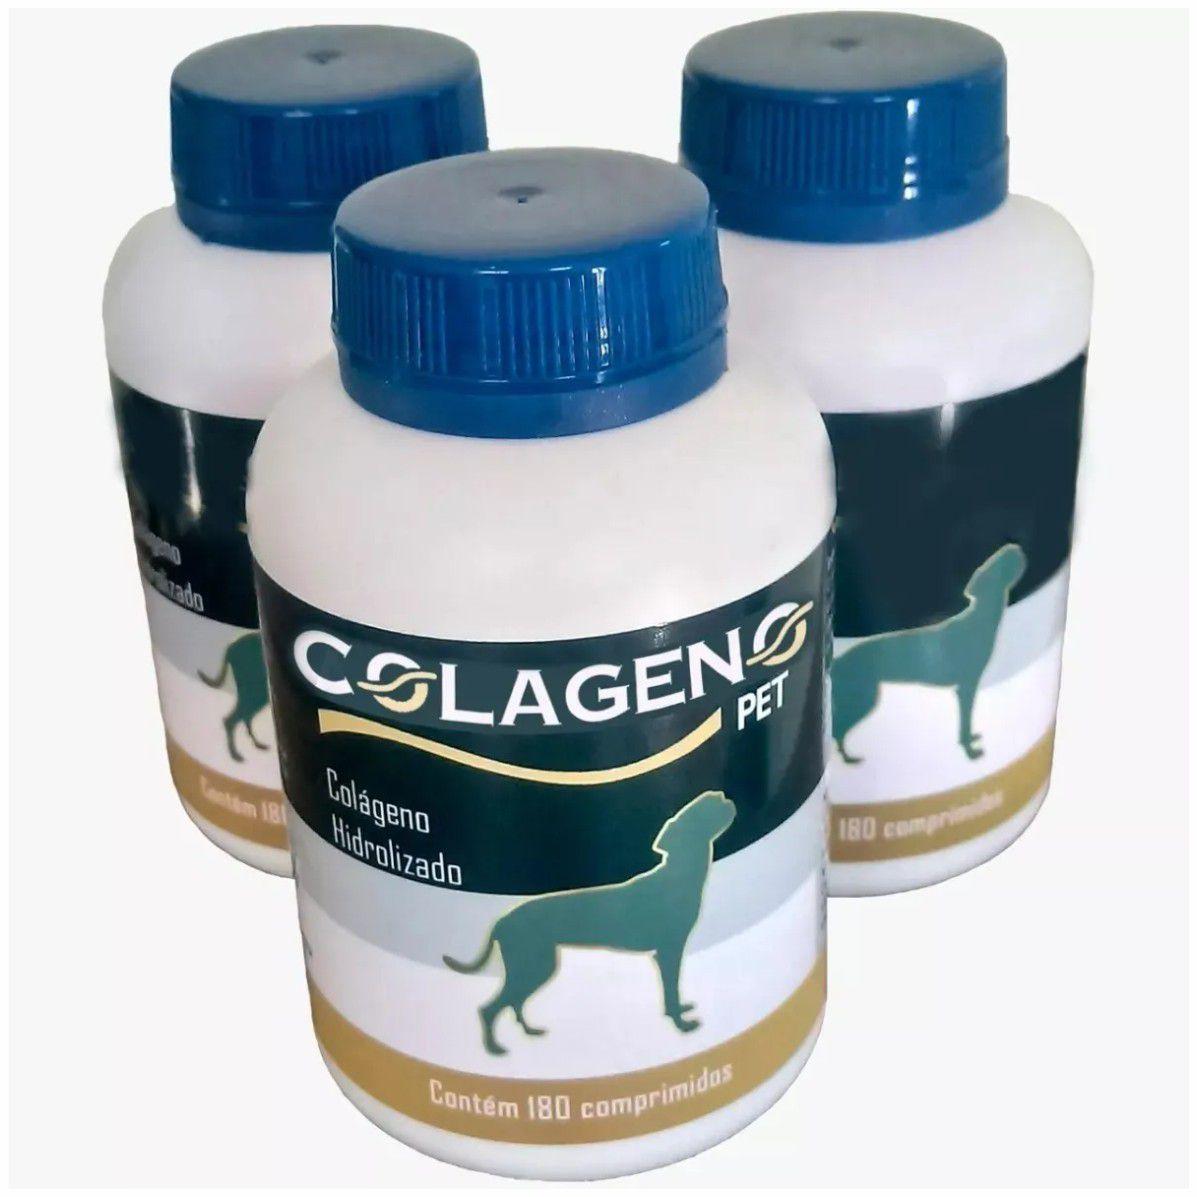 Colágeno Artrogen Pet 180 Comprimidos - Univittá